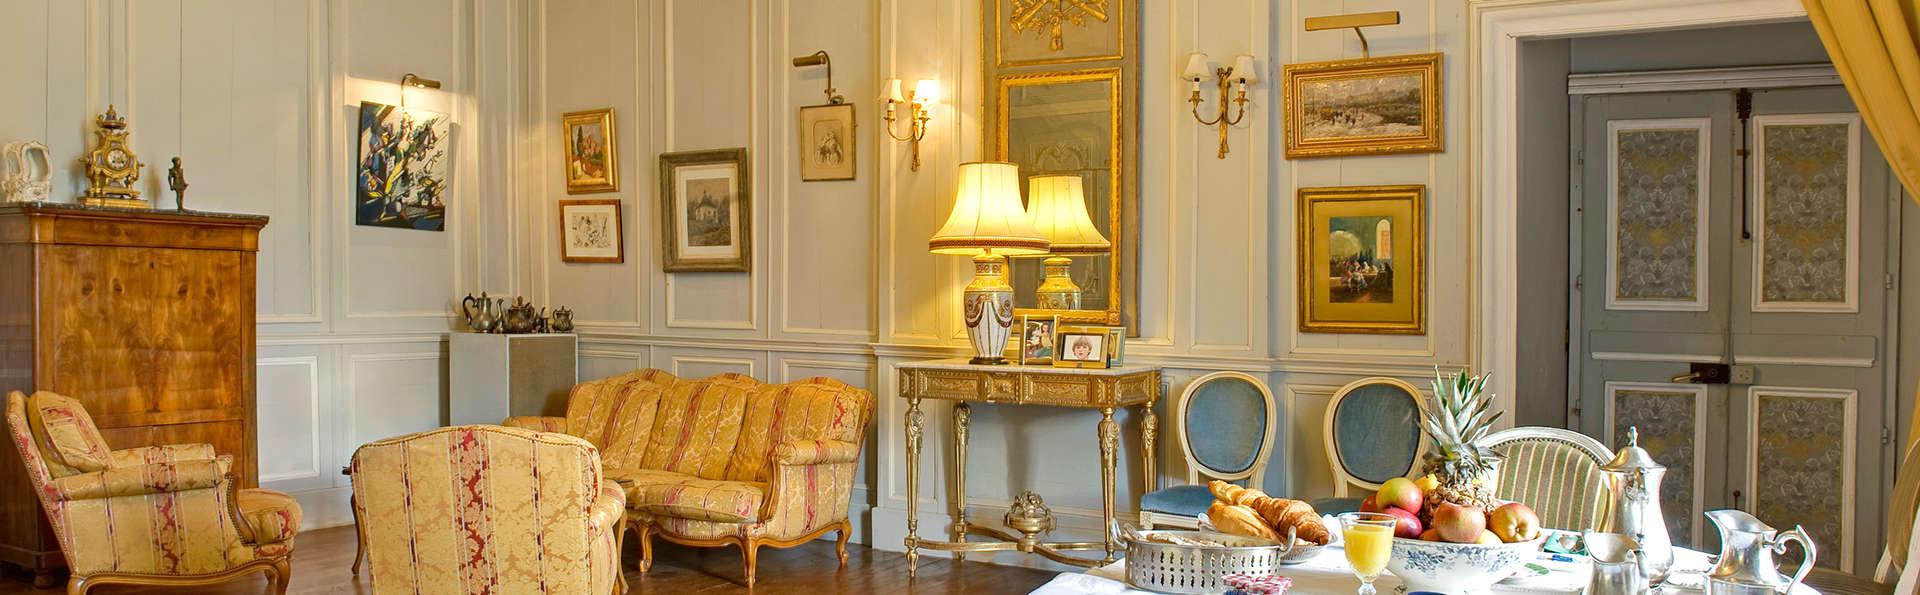 Le Château du Bois Glaume - Edit_Lobby.jpg